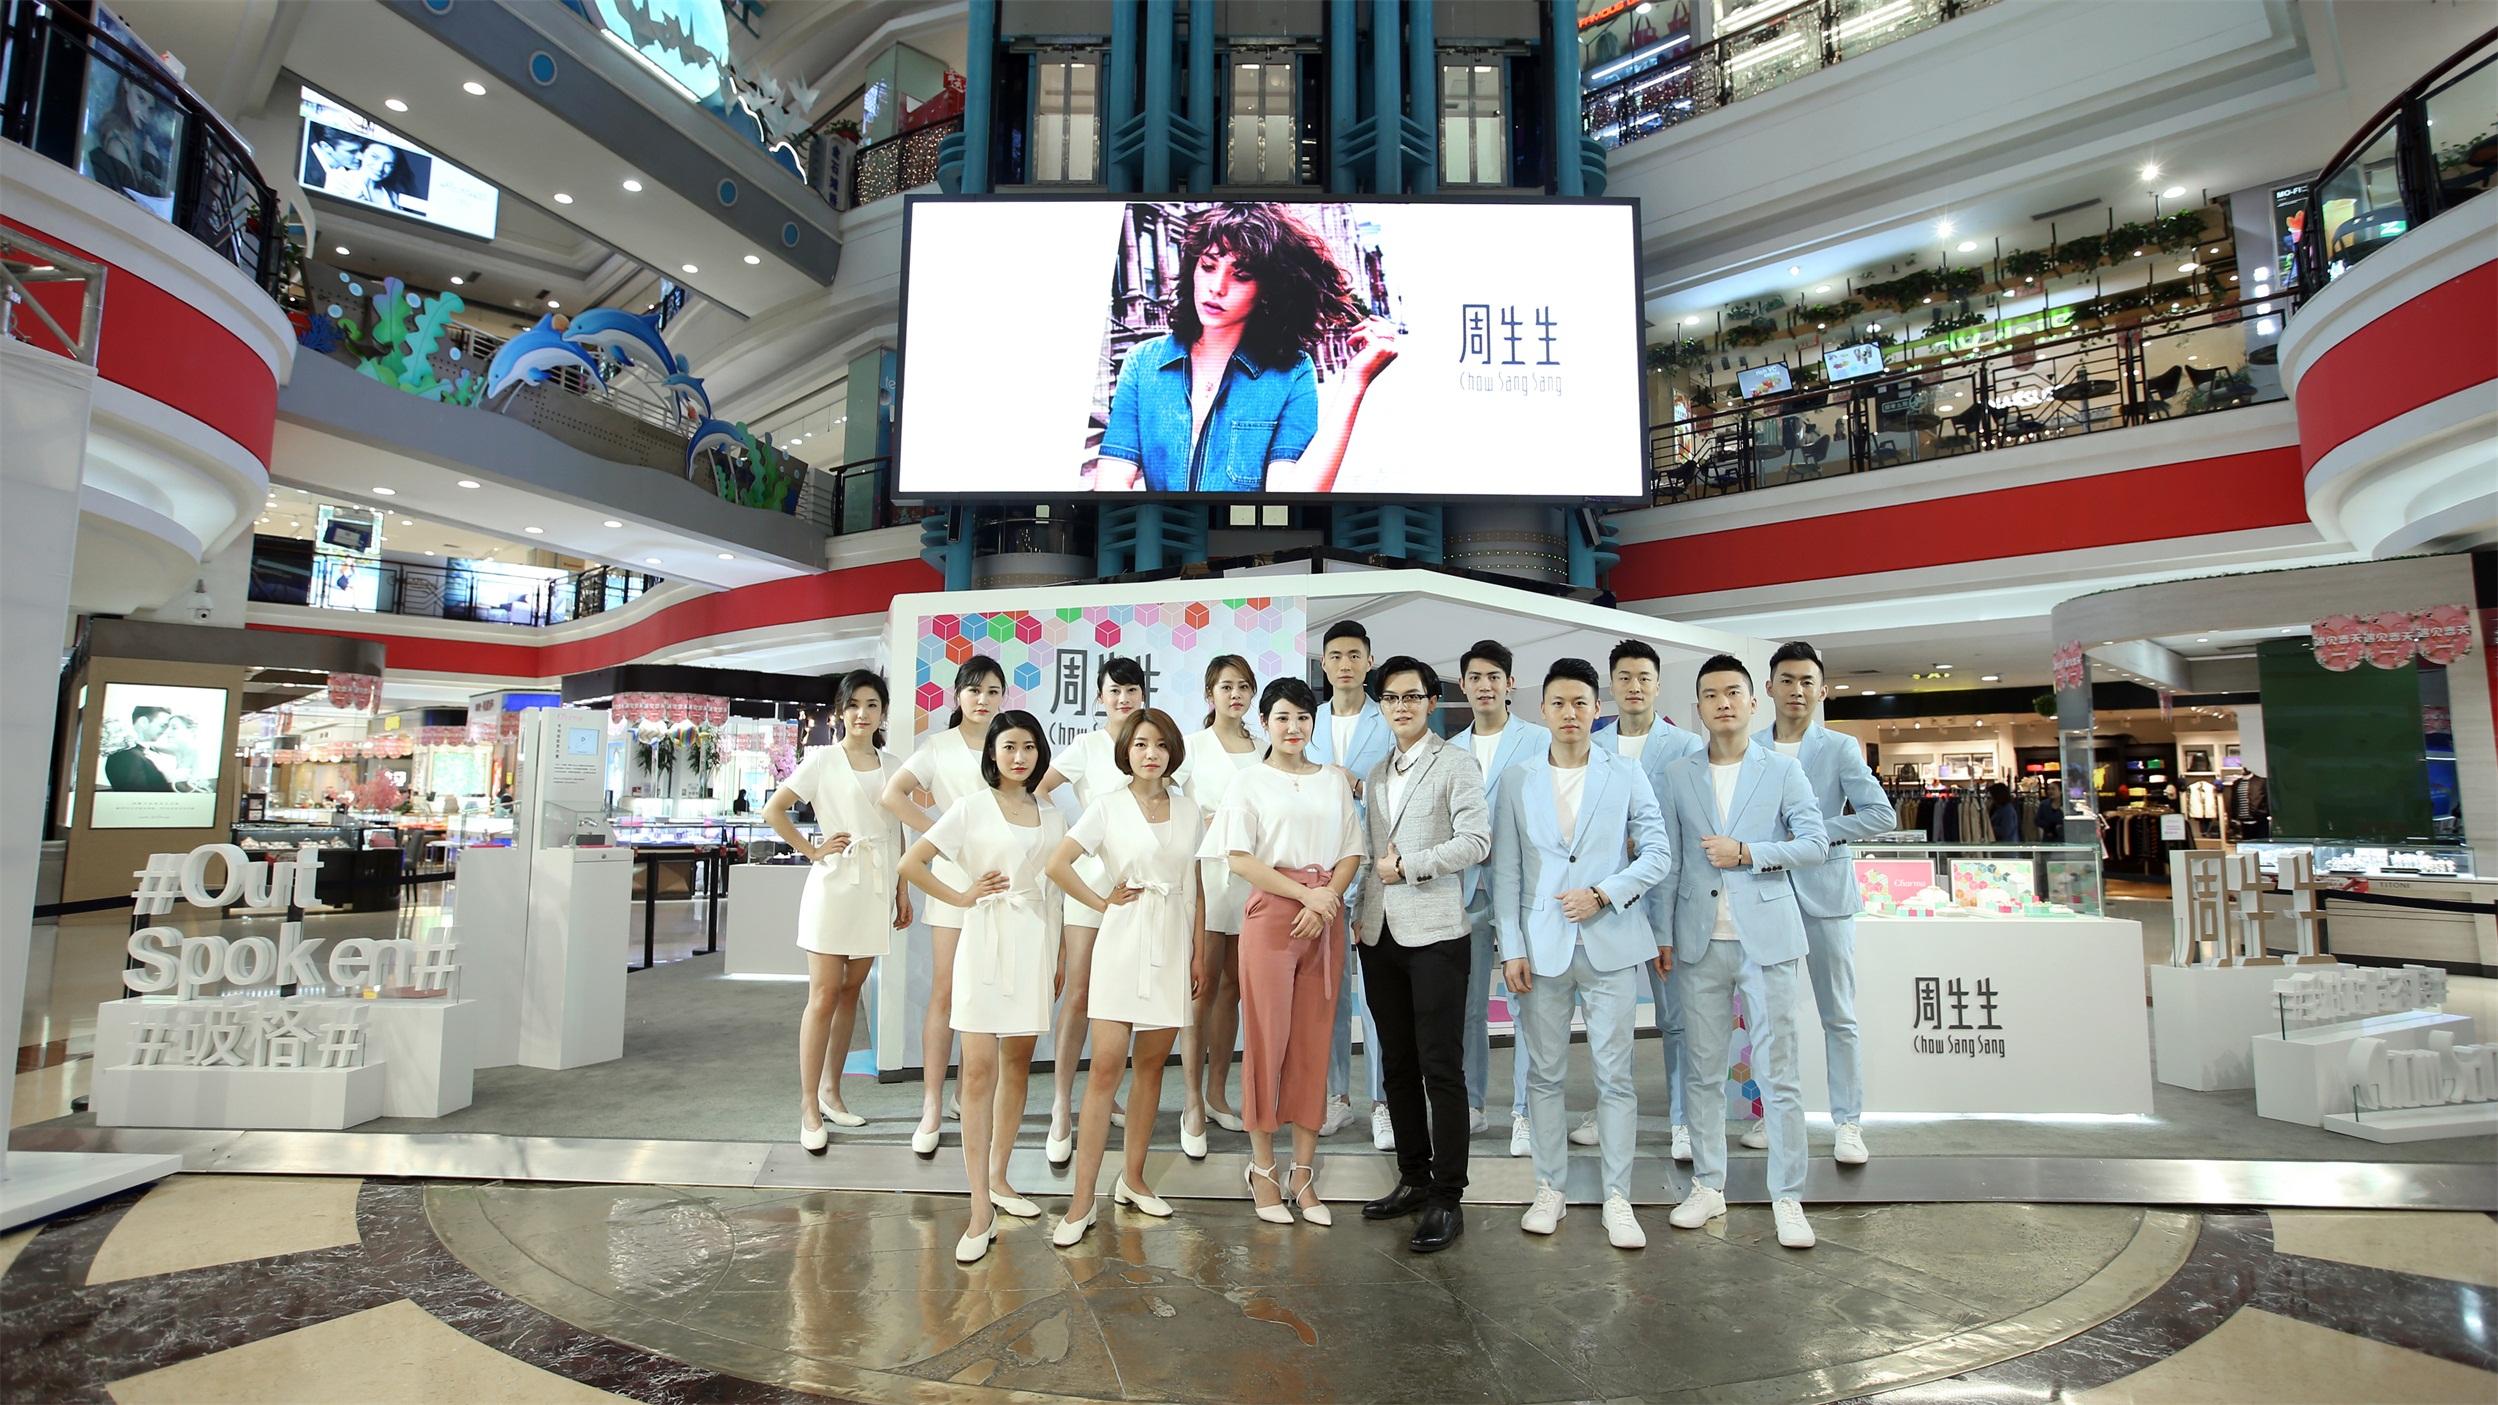 周生生 Charming Team 演绎 Daily Wear 珠宝个性魅力 展示#我的时尚态度#